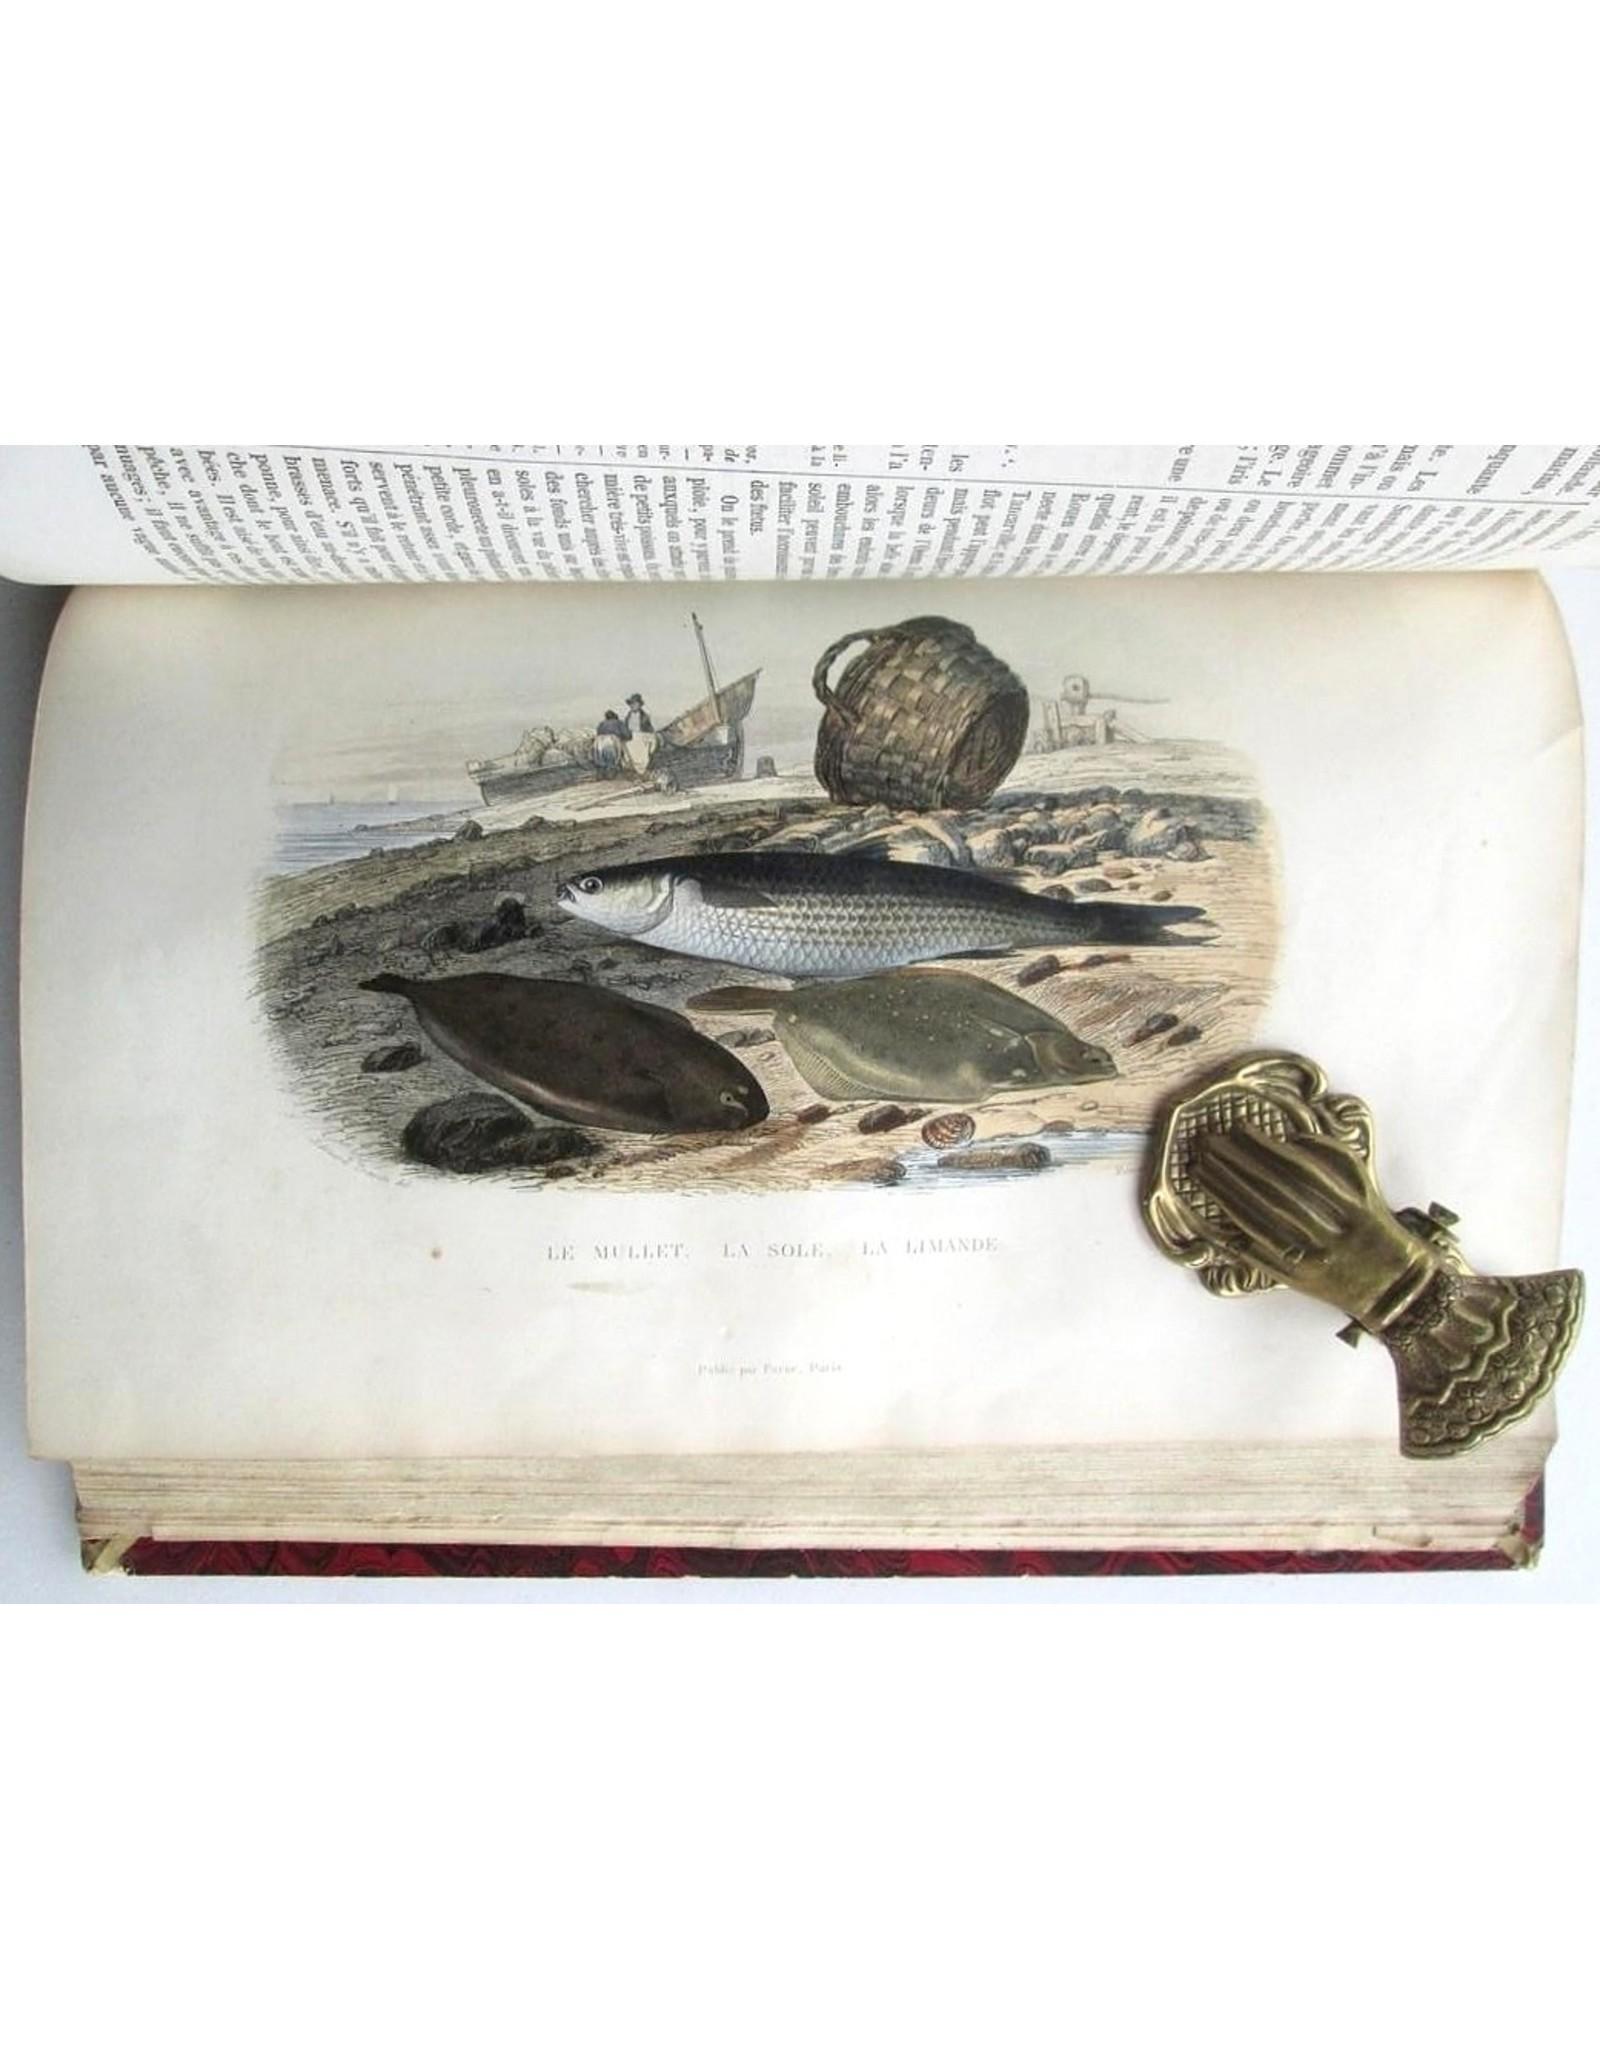 A.-G. Desmarest - Histoire Naturelle de Lacépède